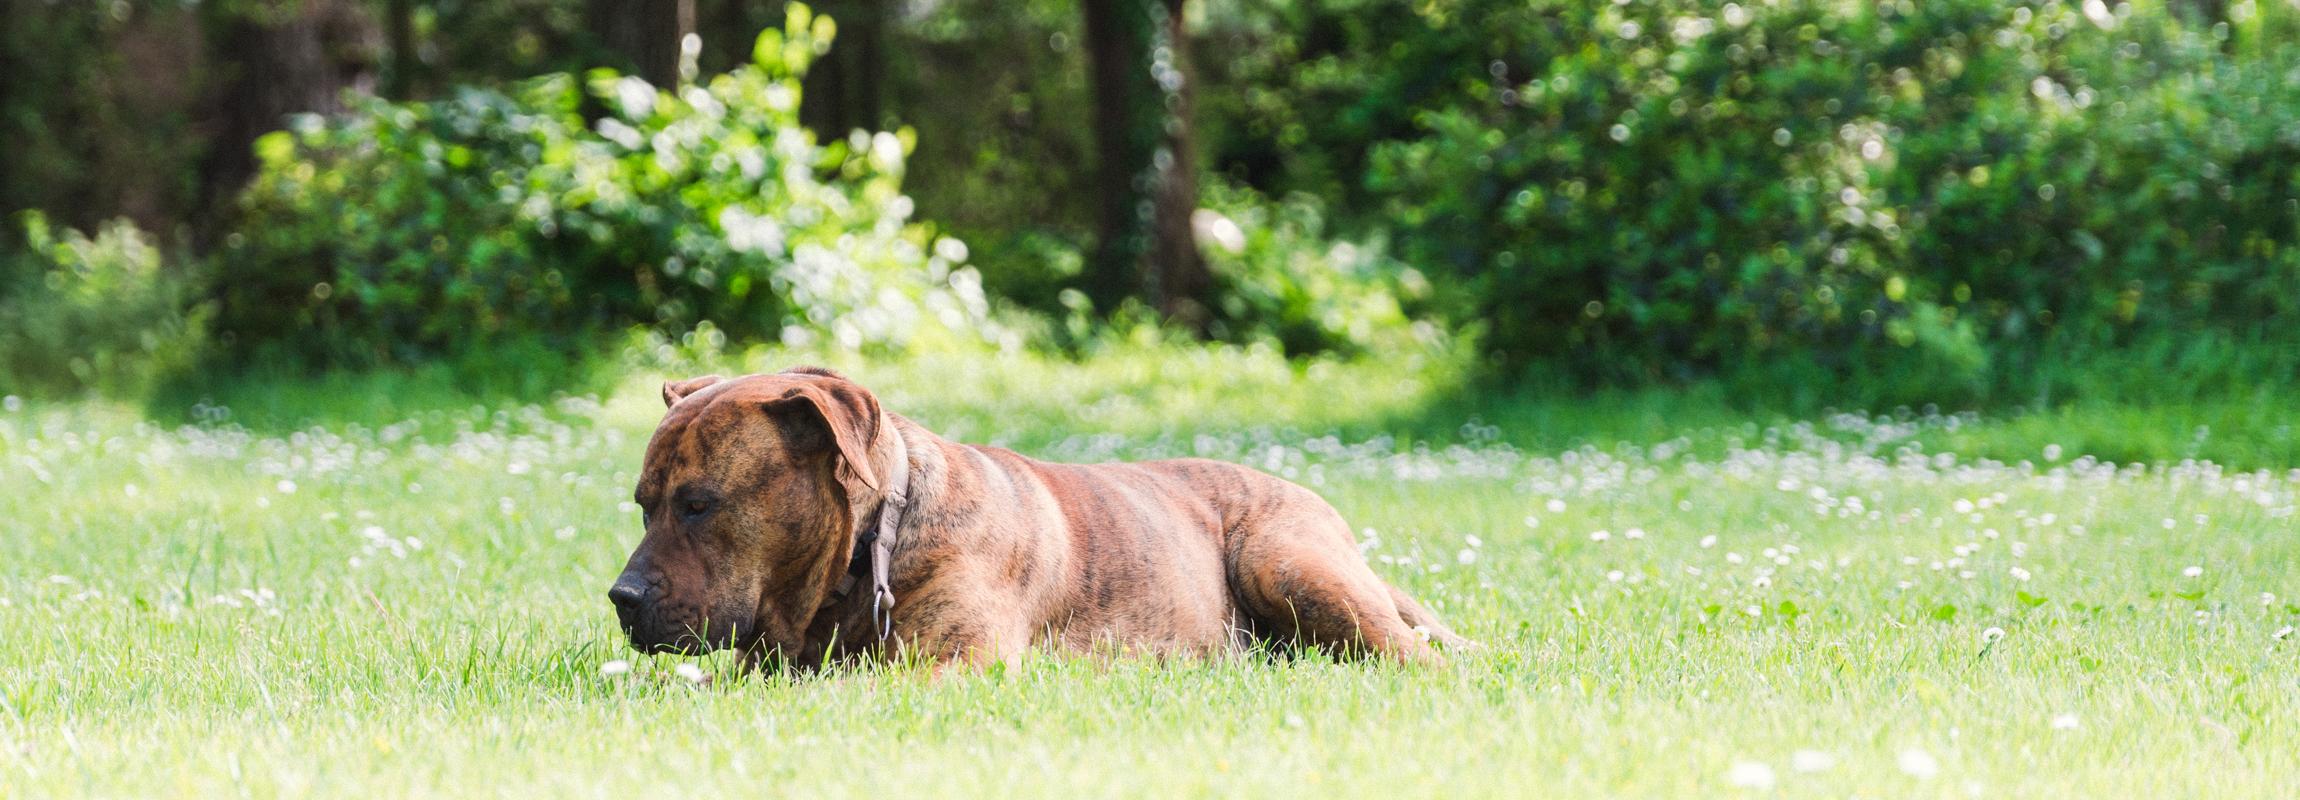 Hund im Schlosspark